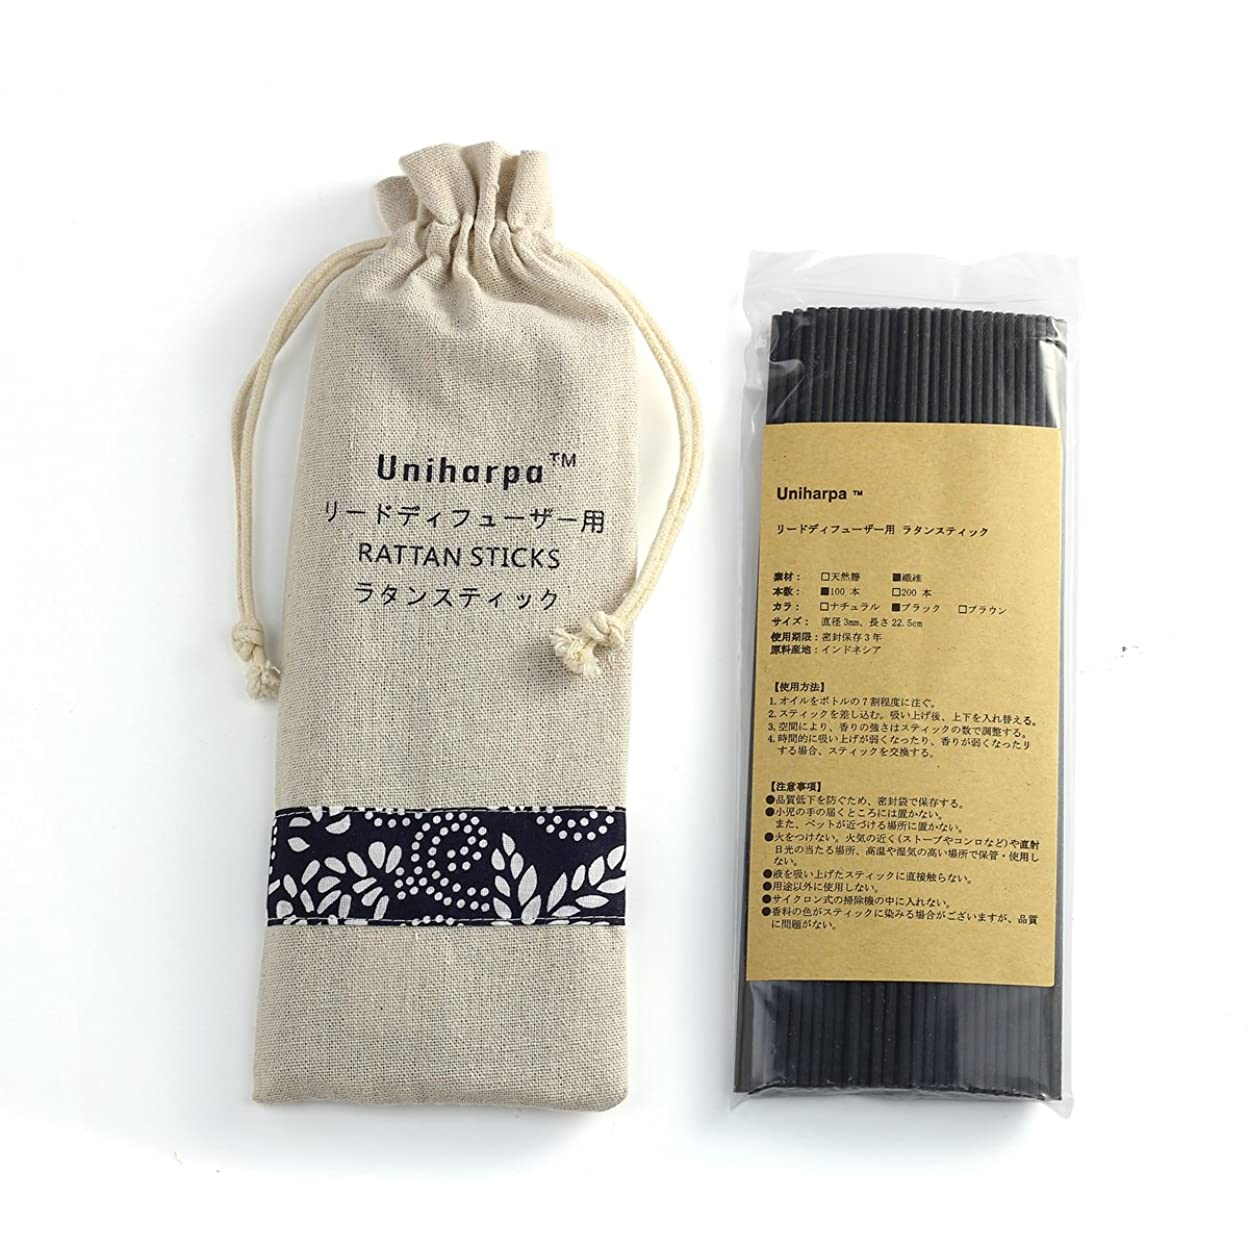 言い訳歌詞アカデミーリードディフューザー用 ラタンスティック/リードスティック リフィル 繊維素材 22.5cm 直径3mm 100本入 乾燥剤入り オリジナル旅行専用袋付 (ブラック)